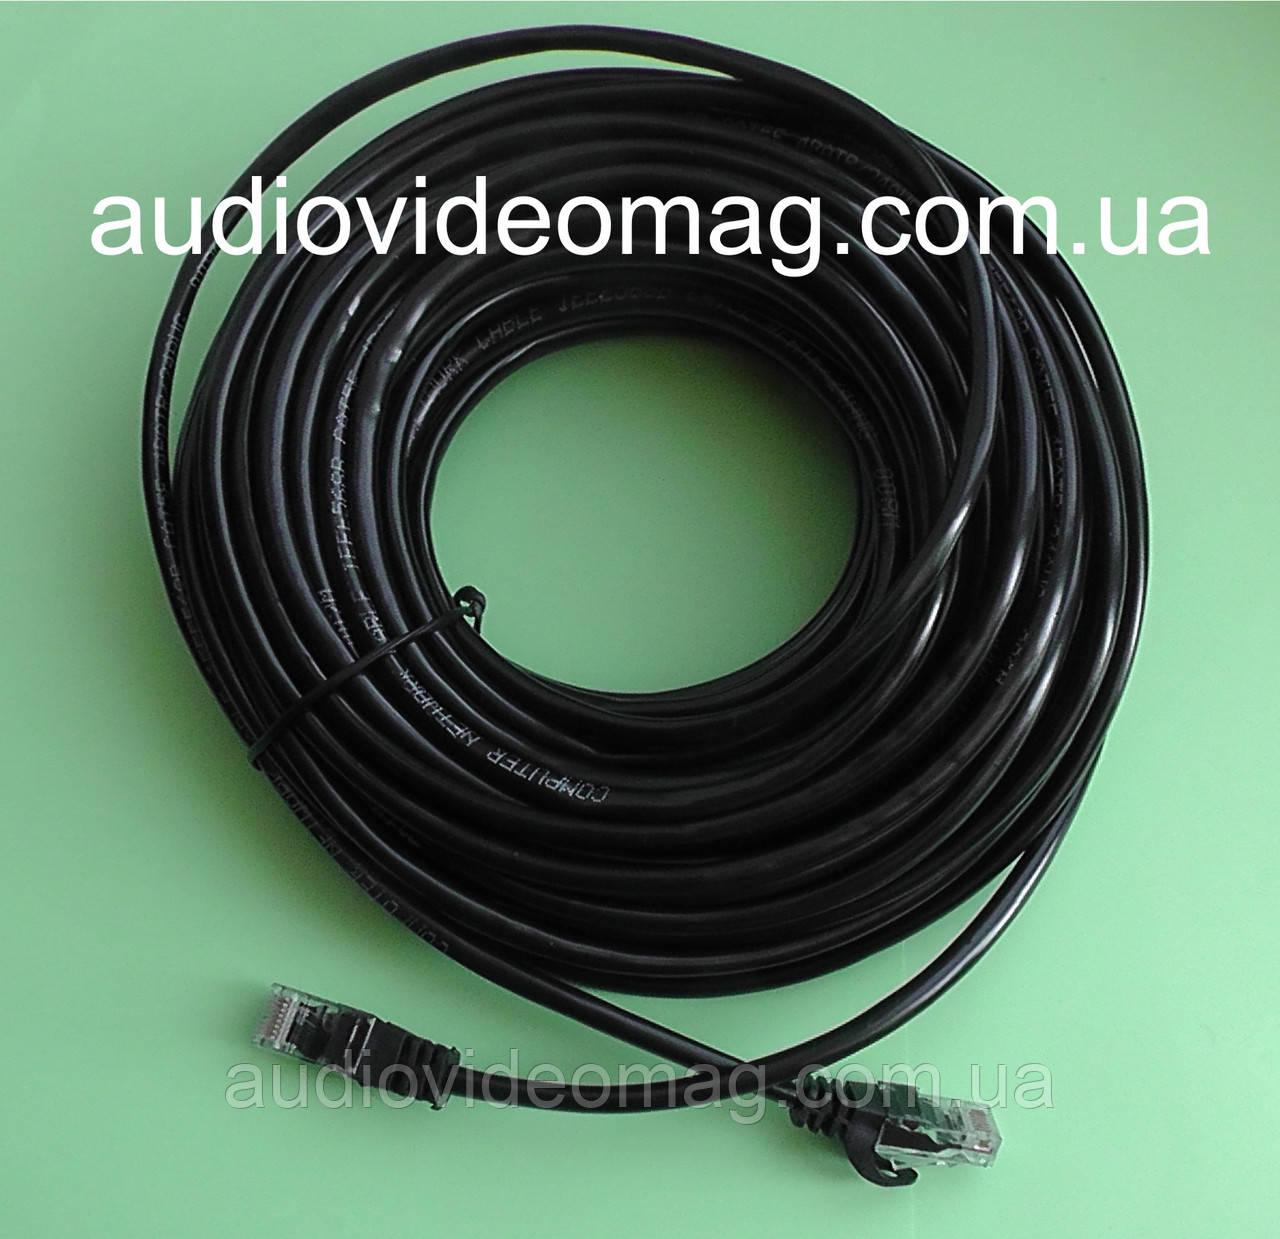 Патч-корд RJ-45 UTP 5e 20 метров интернет-кабель